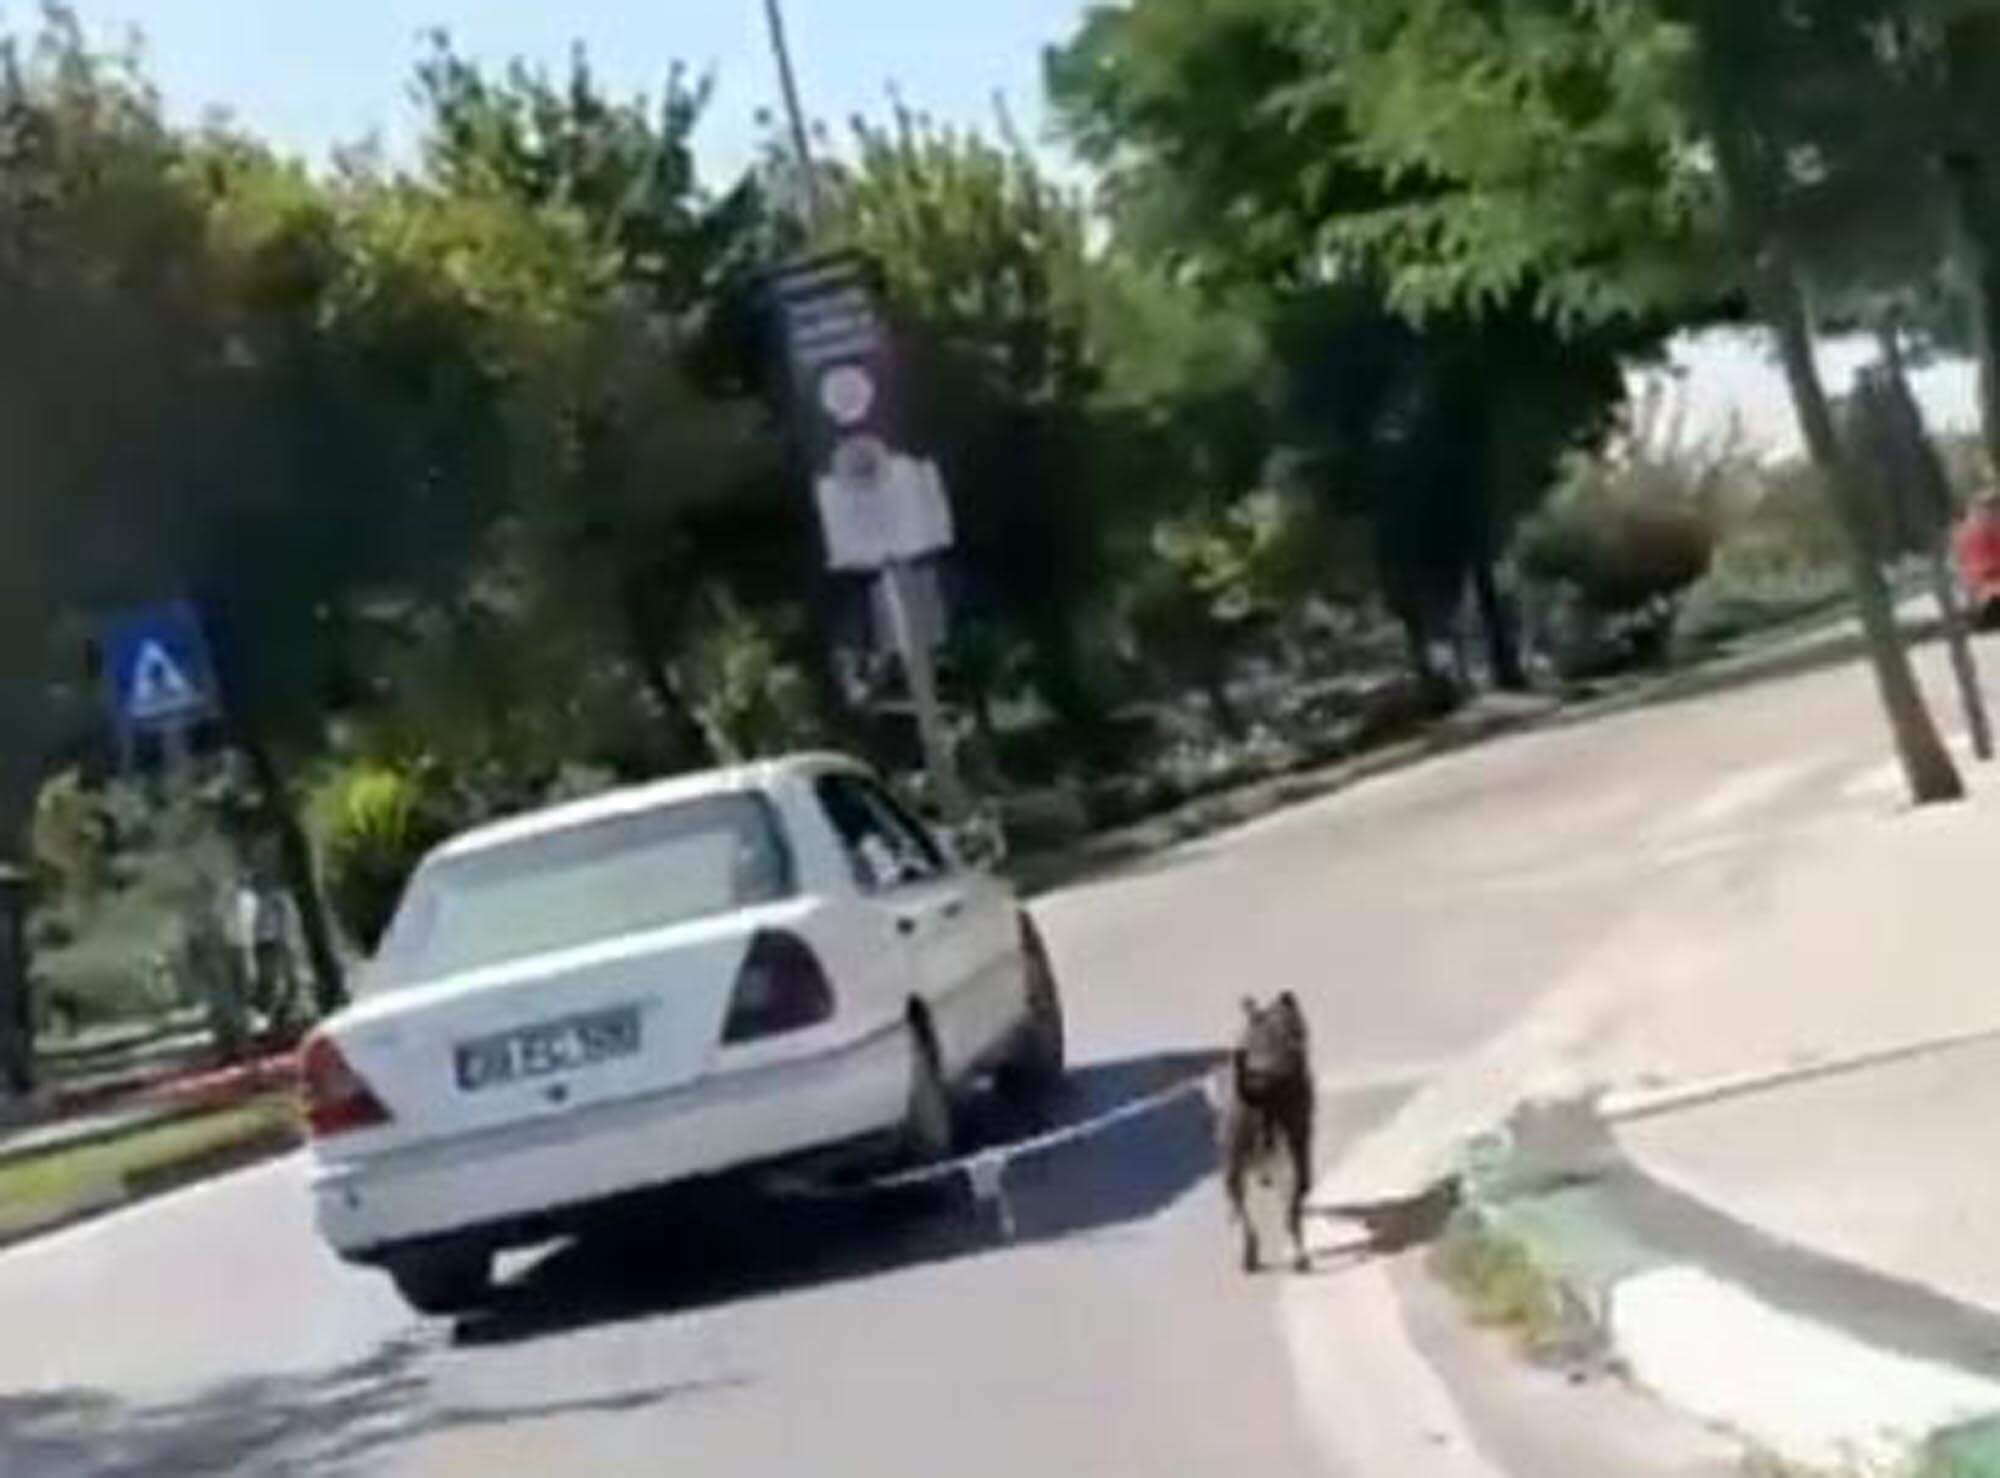 Aracının ardına bağladığı köpeğin görüntülerinin yayılmasının ardından yasal işlem başlatıldı